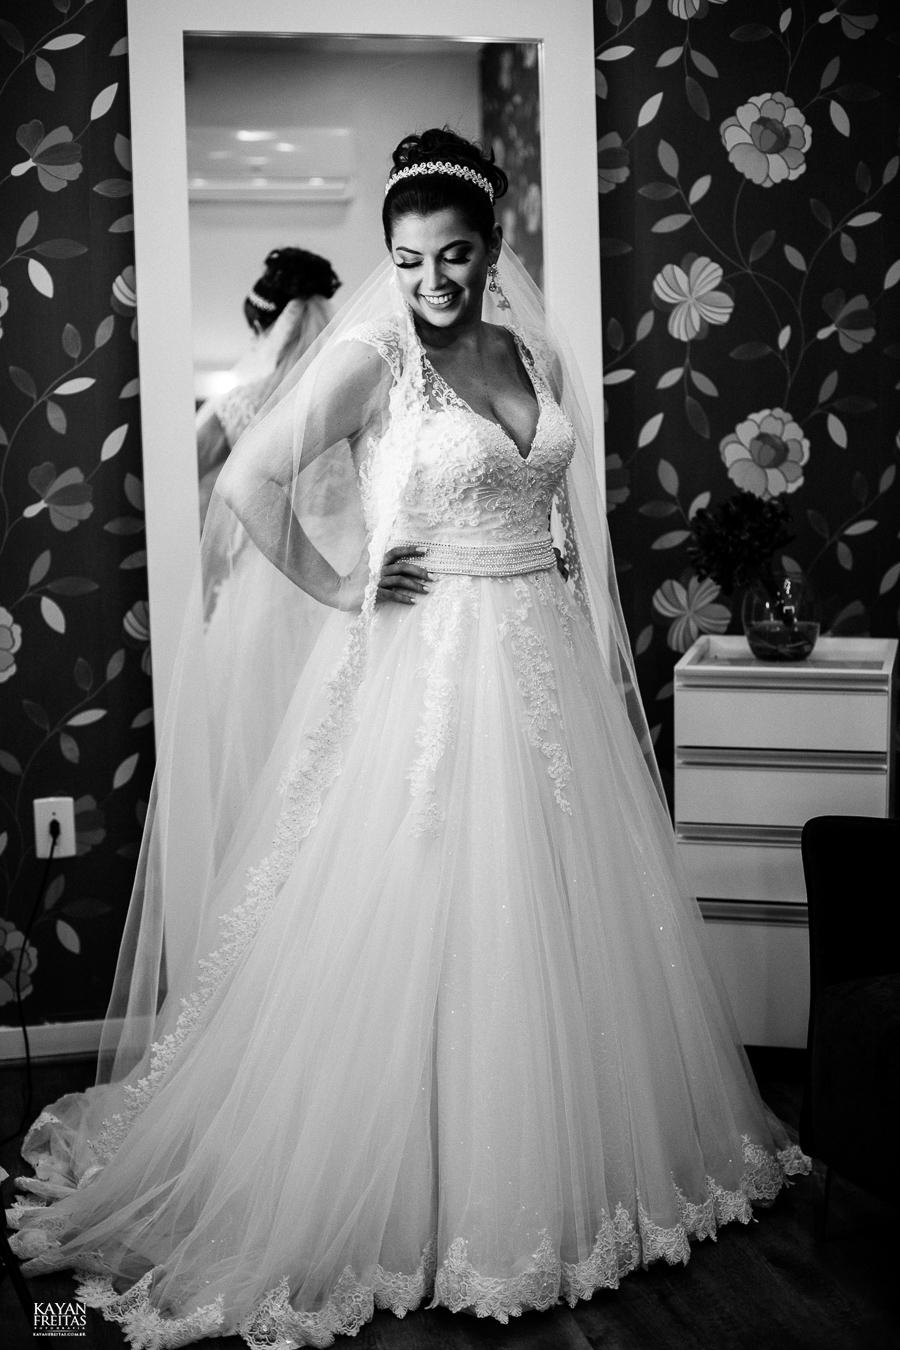 casamento-floripa-grande-loja-0033 Casamento Maria Eduarda e Thiago - Grande Loja Florianópolis